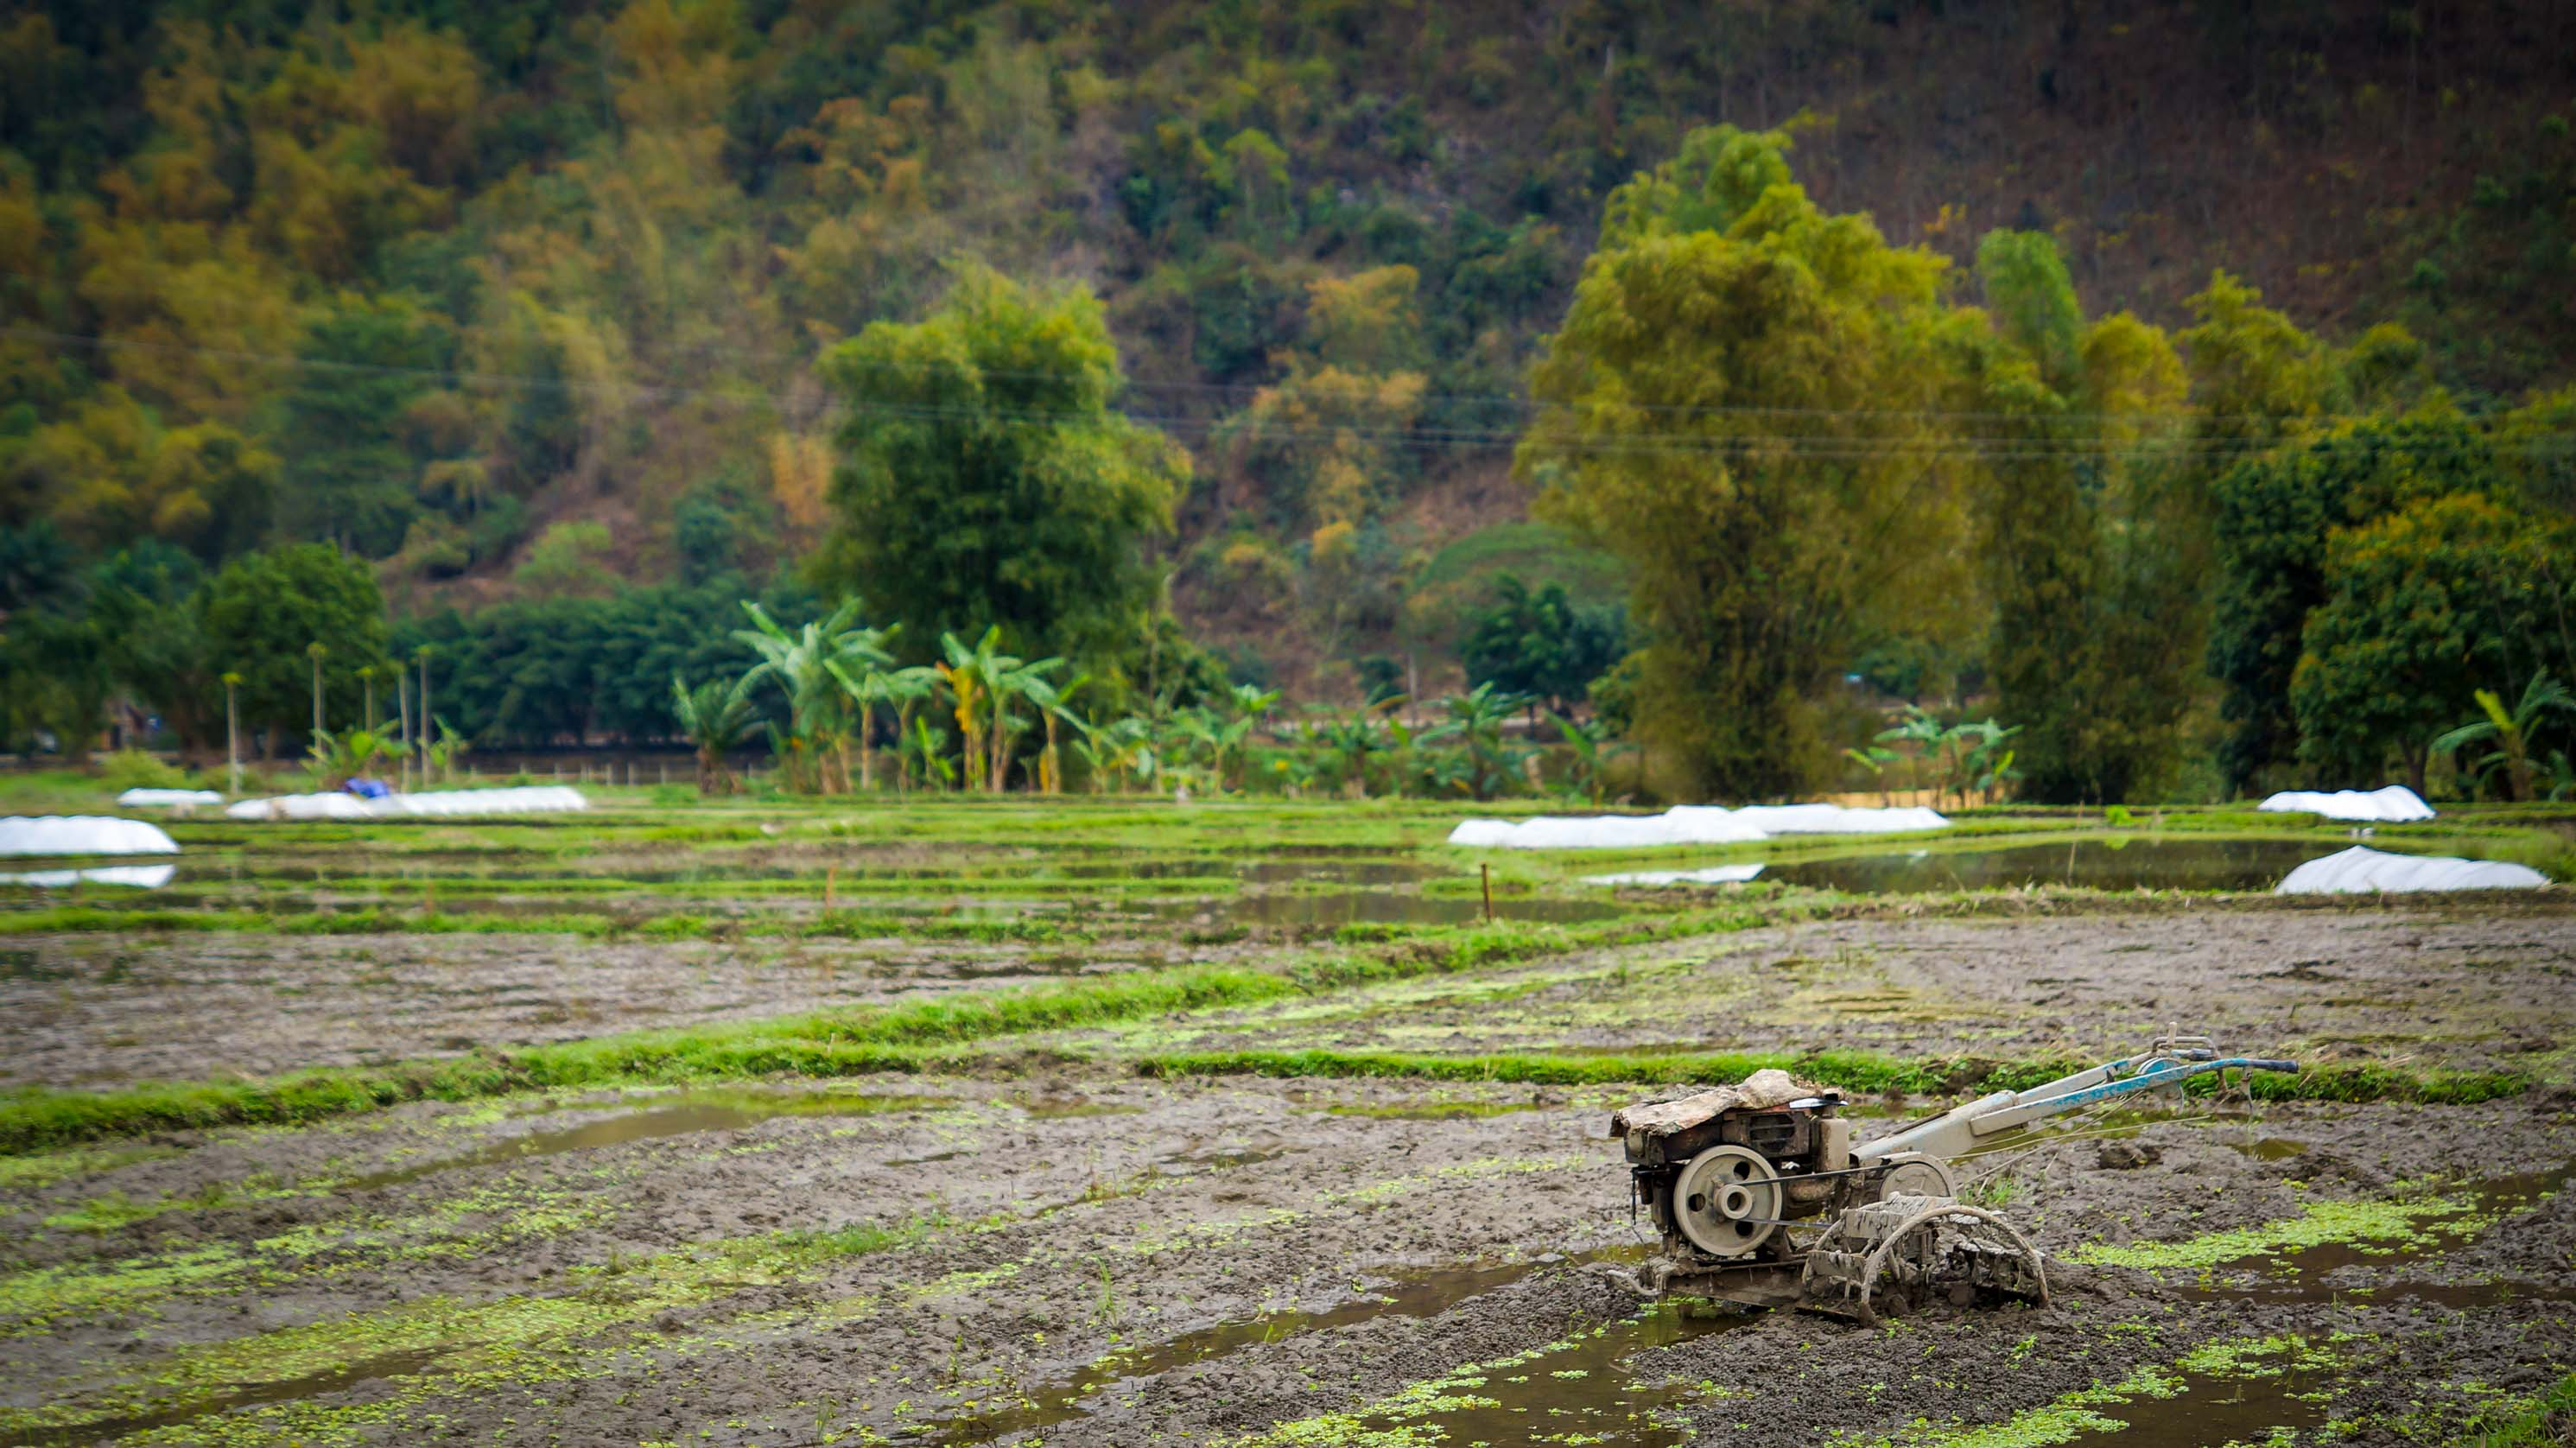 Rudern, Reparaturen, Reis und Regen